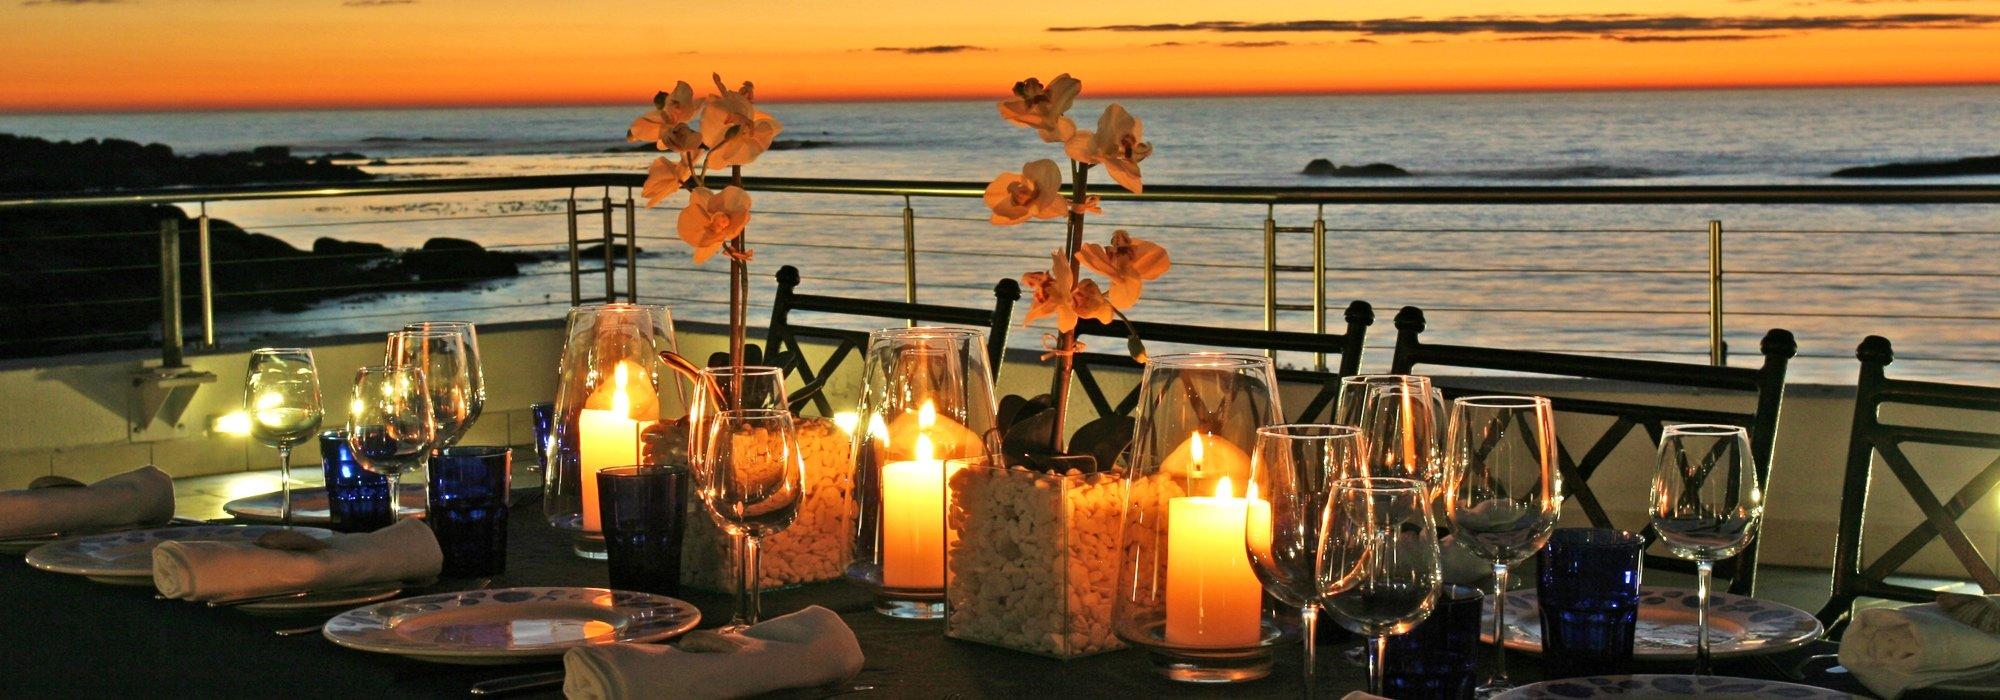 Azure Restaurant Dinner